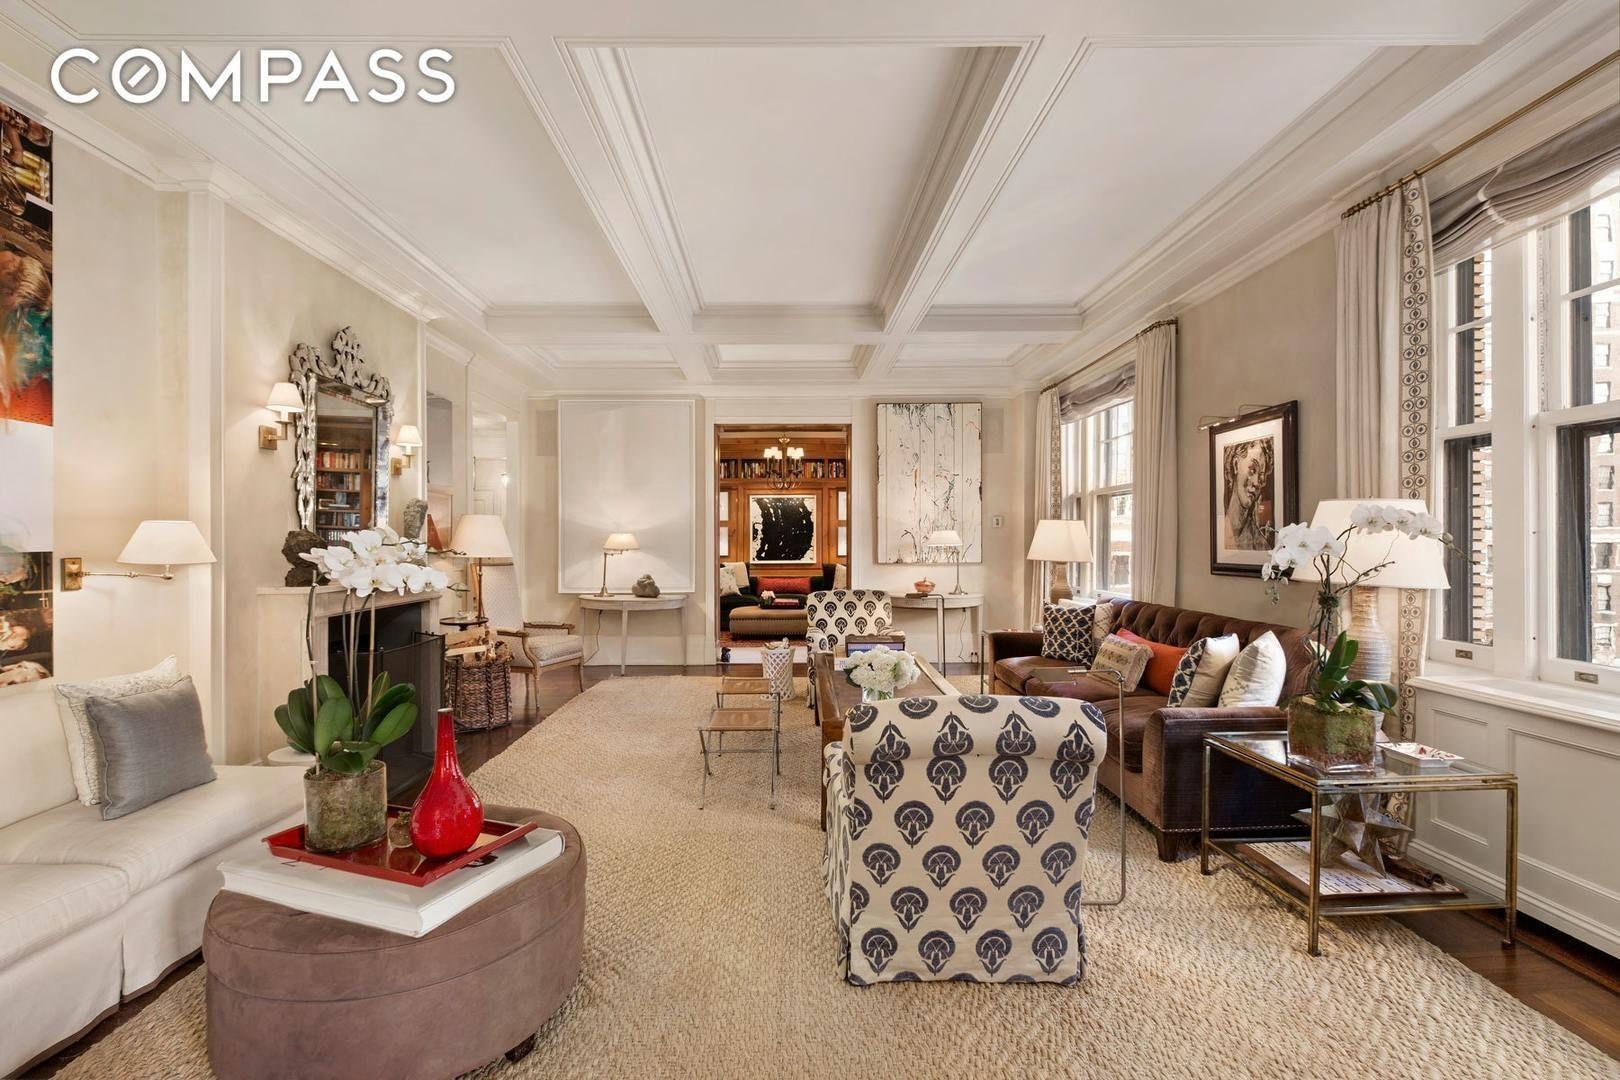 Apartment for sale at 555 Park Avenue, Apt 5-W